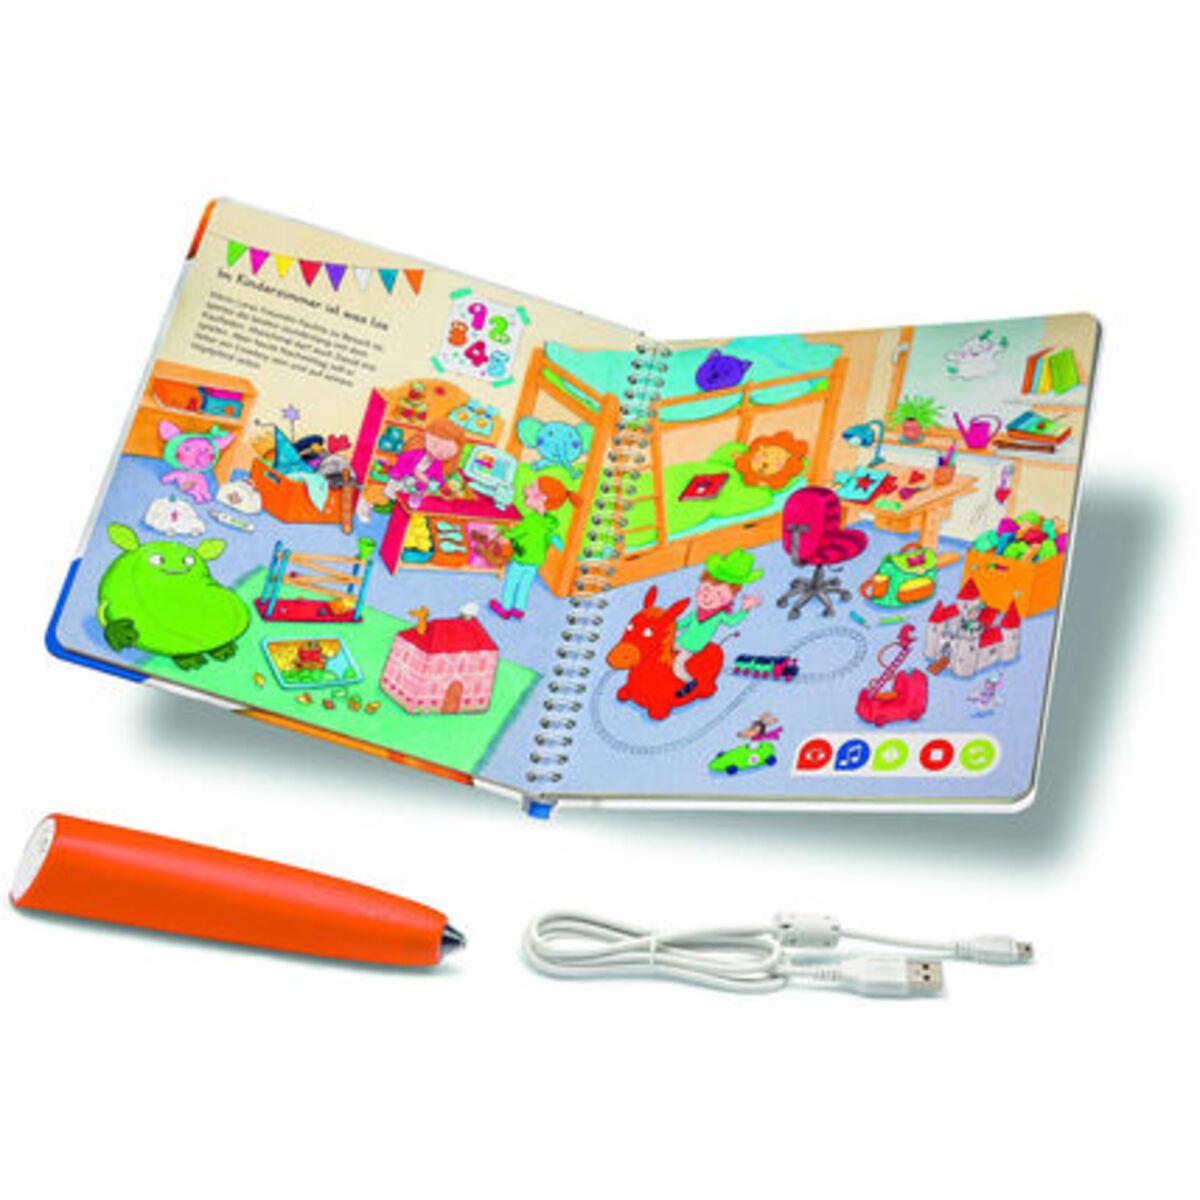 Bild 3 von Ravensburger tiptoi® Starter-Set: Stift und Wörter-Bilderbuch